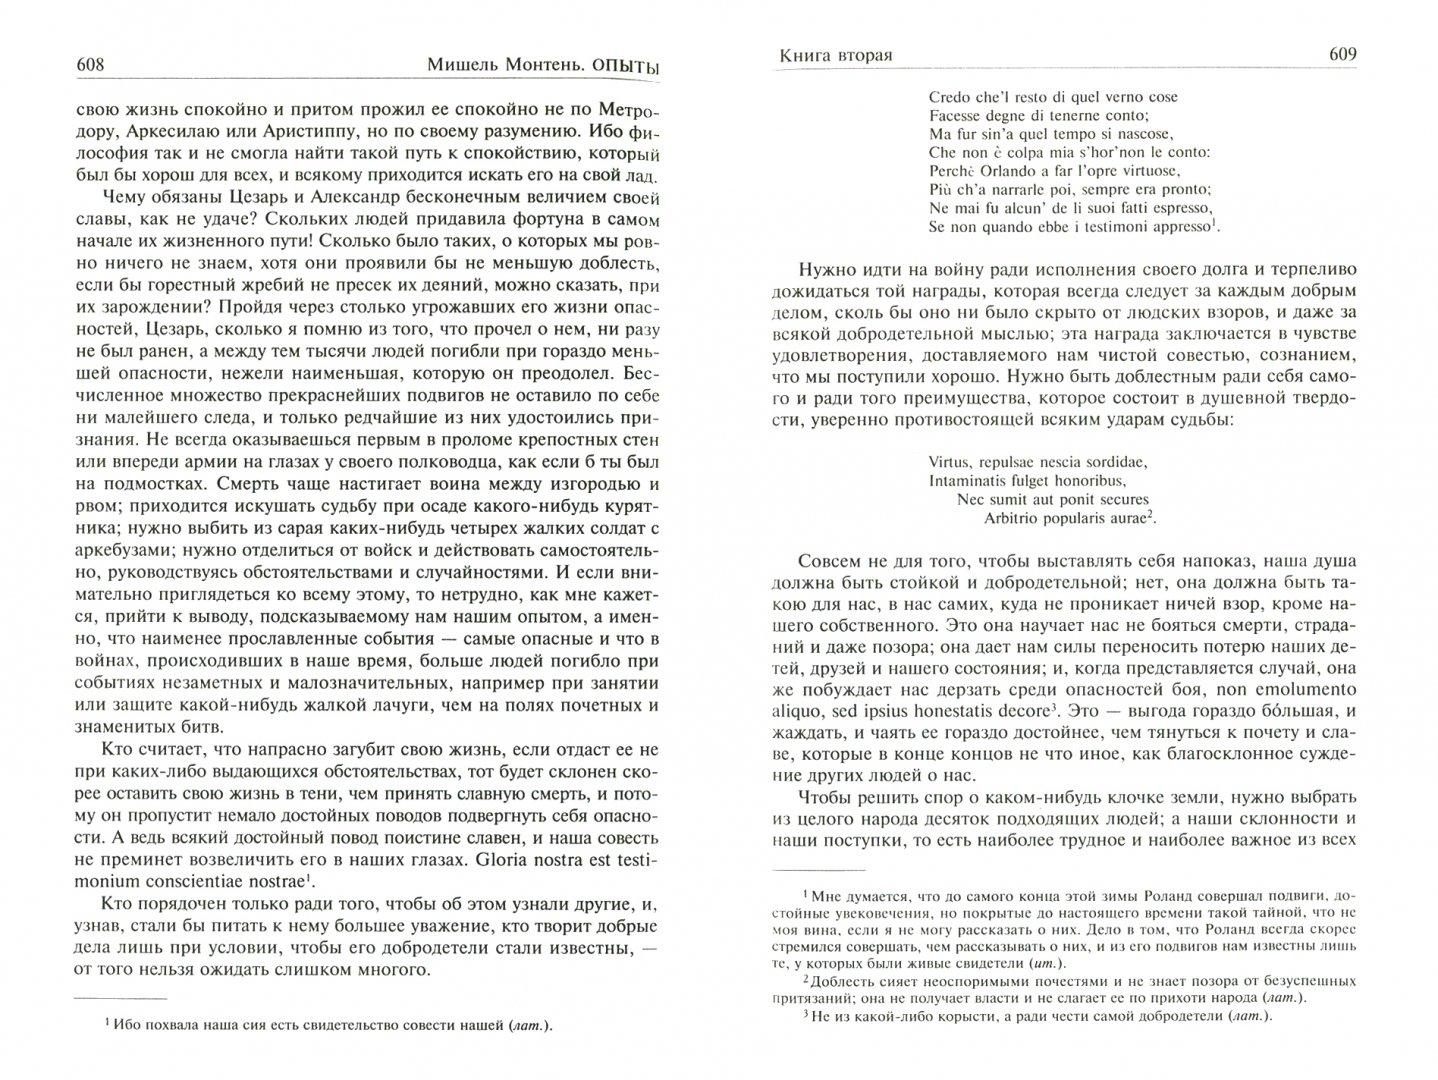 Иллюстрация 2 из 23 для Опыты. Полное издание в одном томе - Мишель Монтень | Лабиринт - книги. Источник: Лабиринт